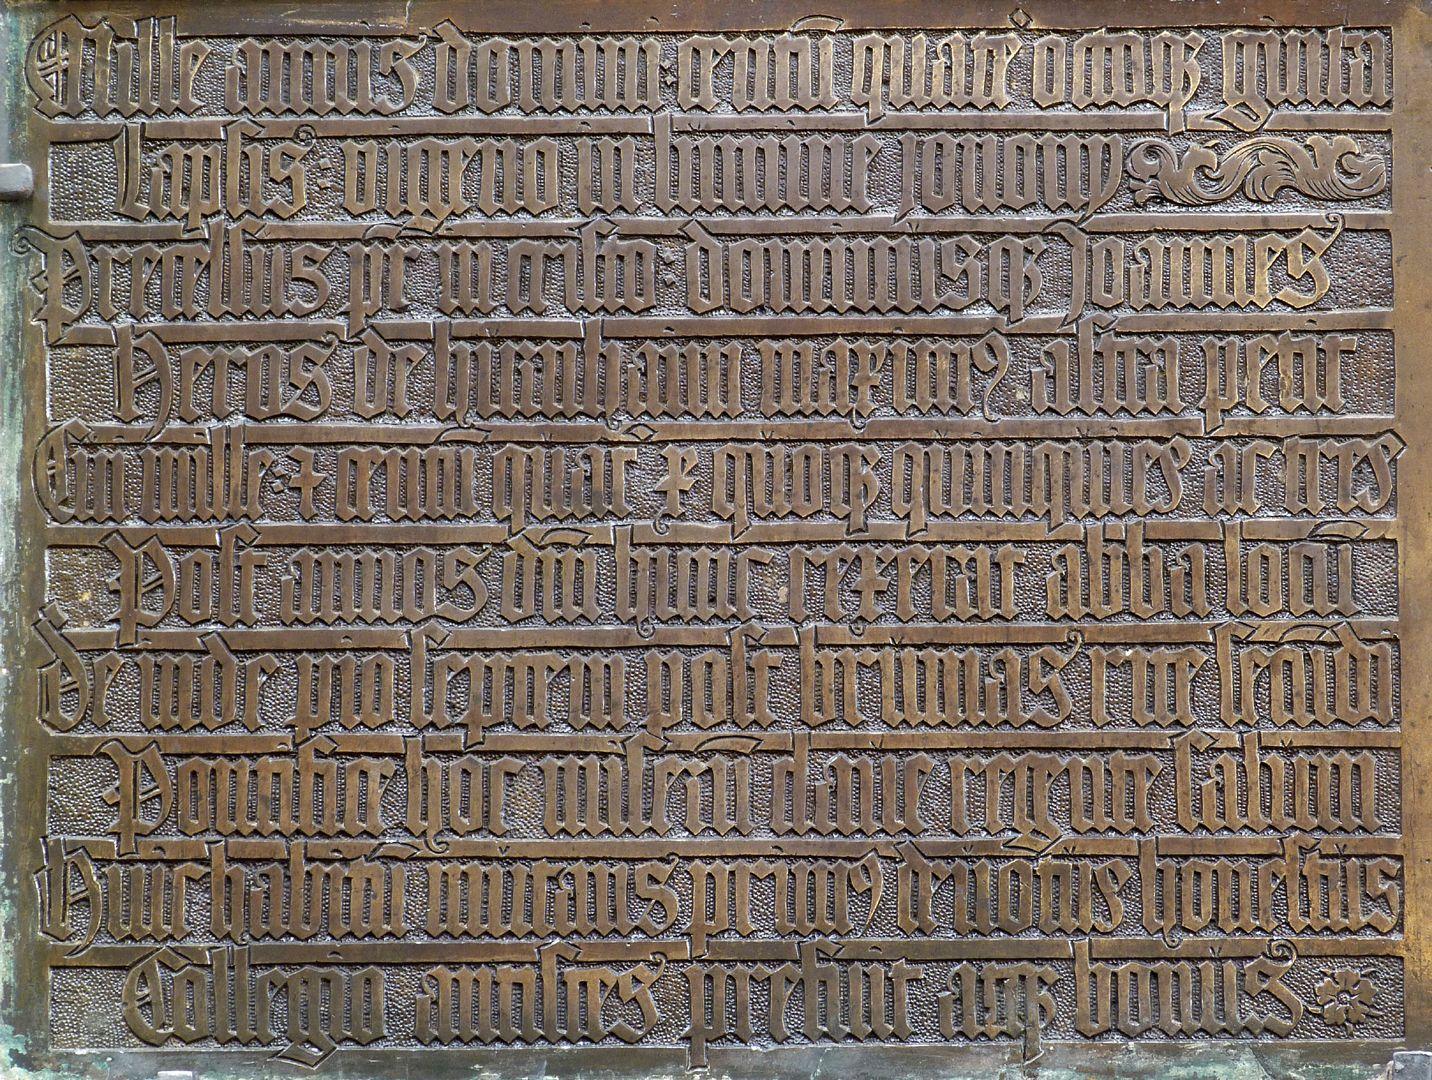 Johannes von Hürnheim und Albrecht von Rechenberg linke Hälfte der Schrifttafel